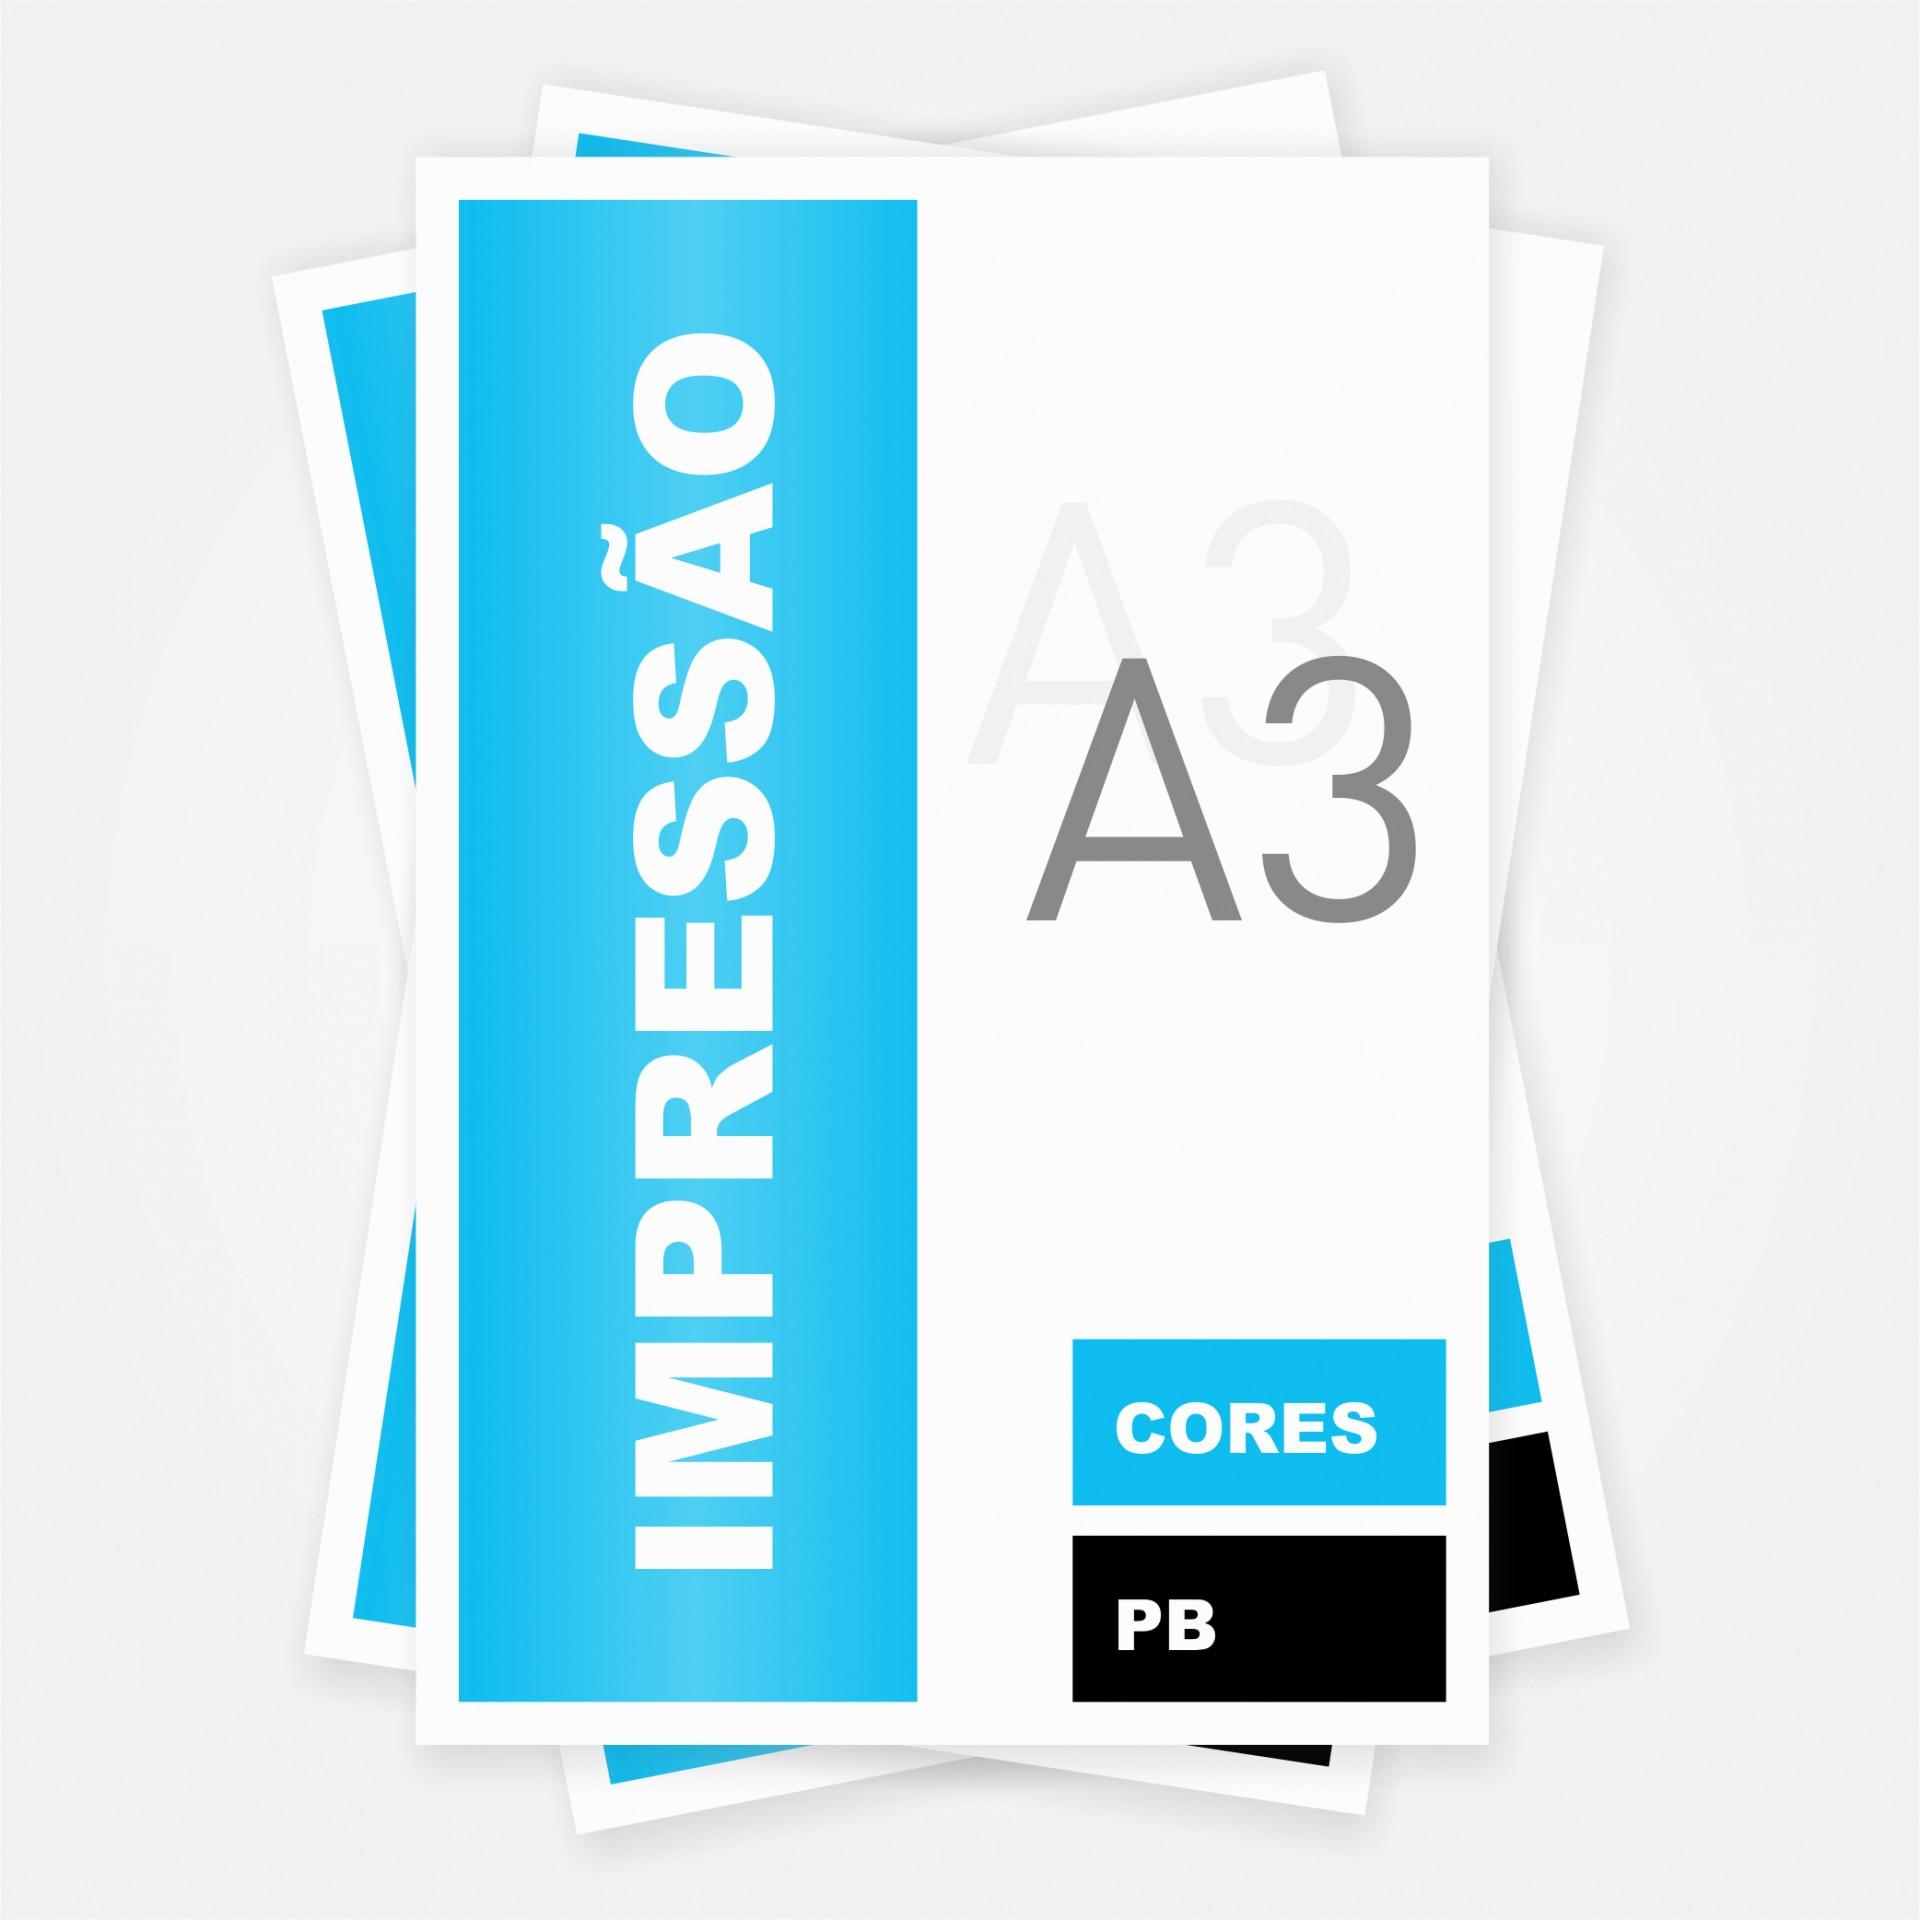 Impressão A3 (Preto ou Cores)